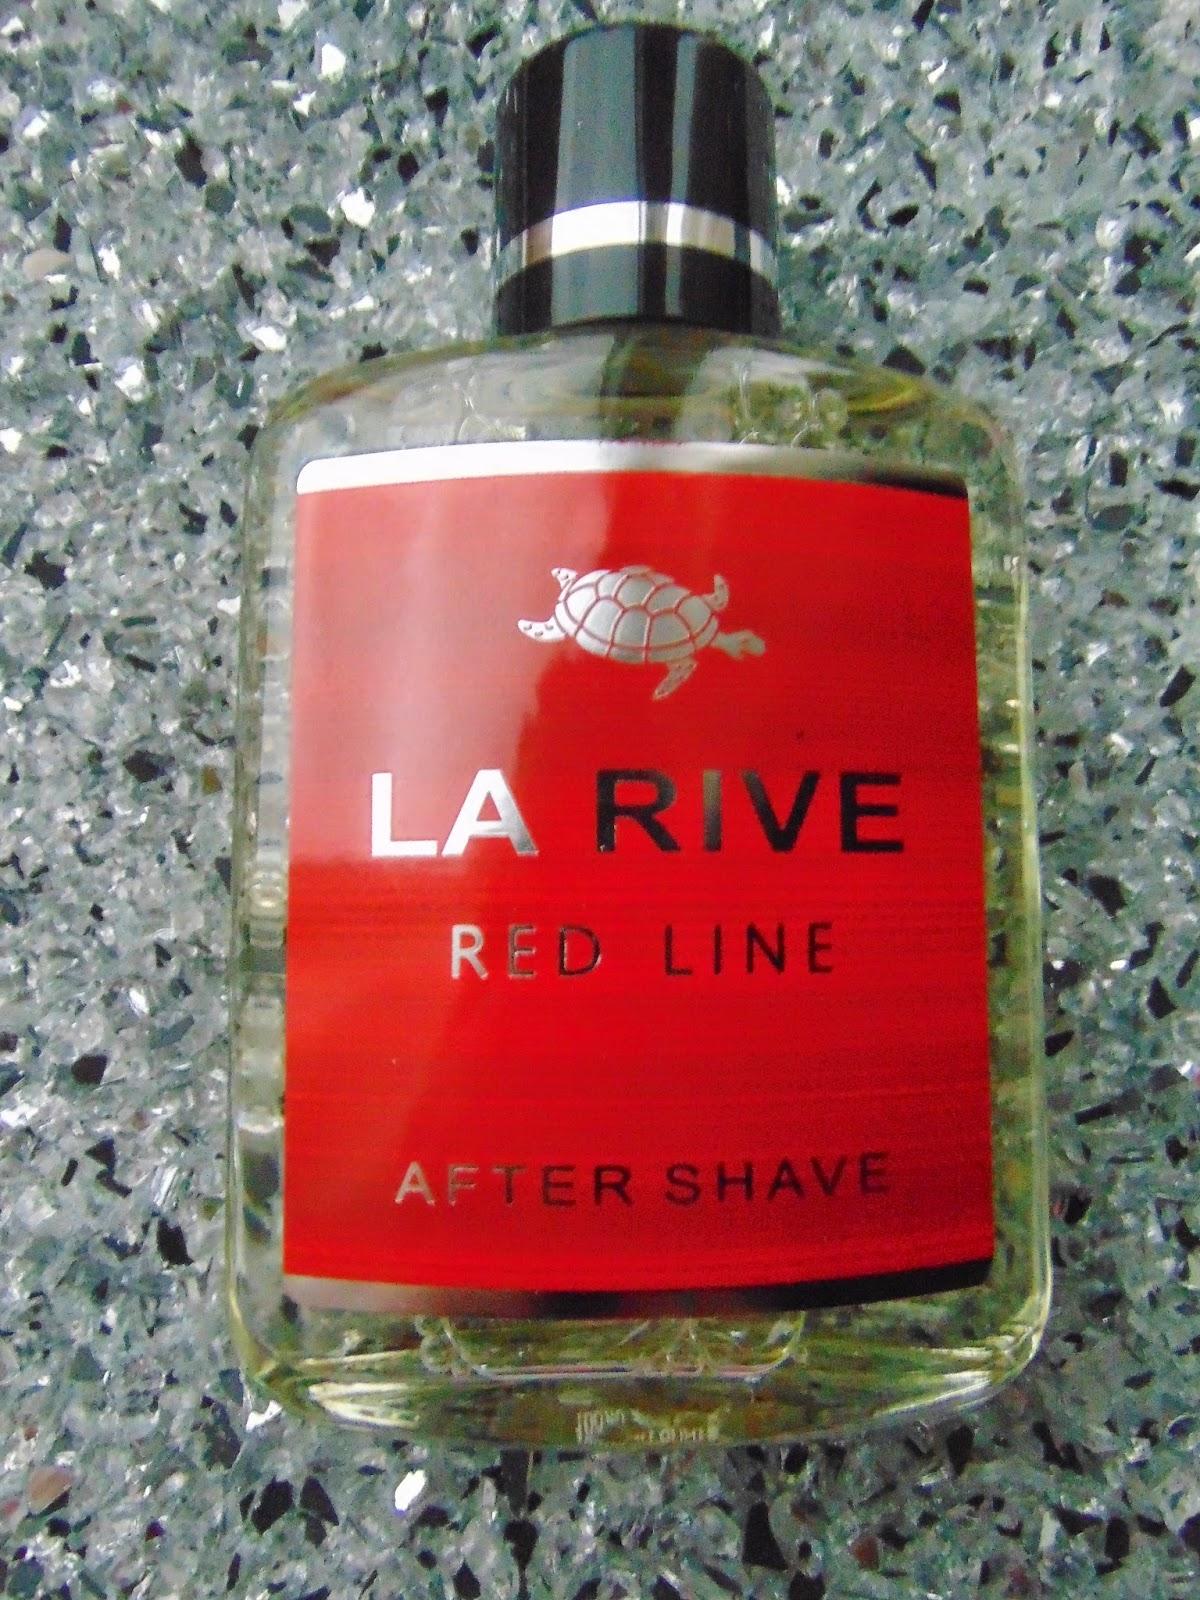 La Rive Red Line After Shave - www.annitschkasblog.de